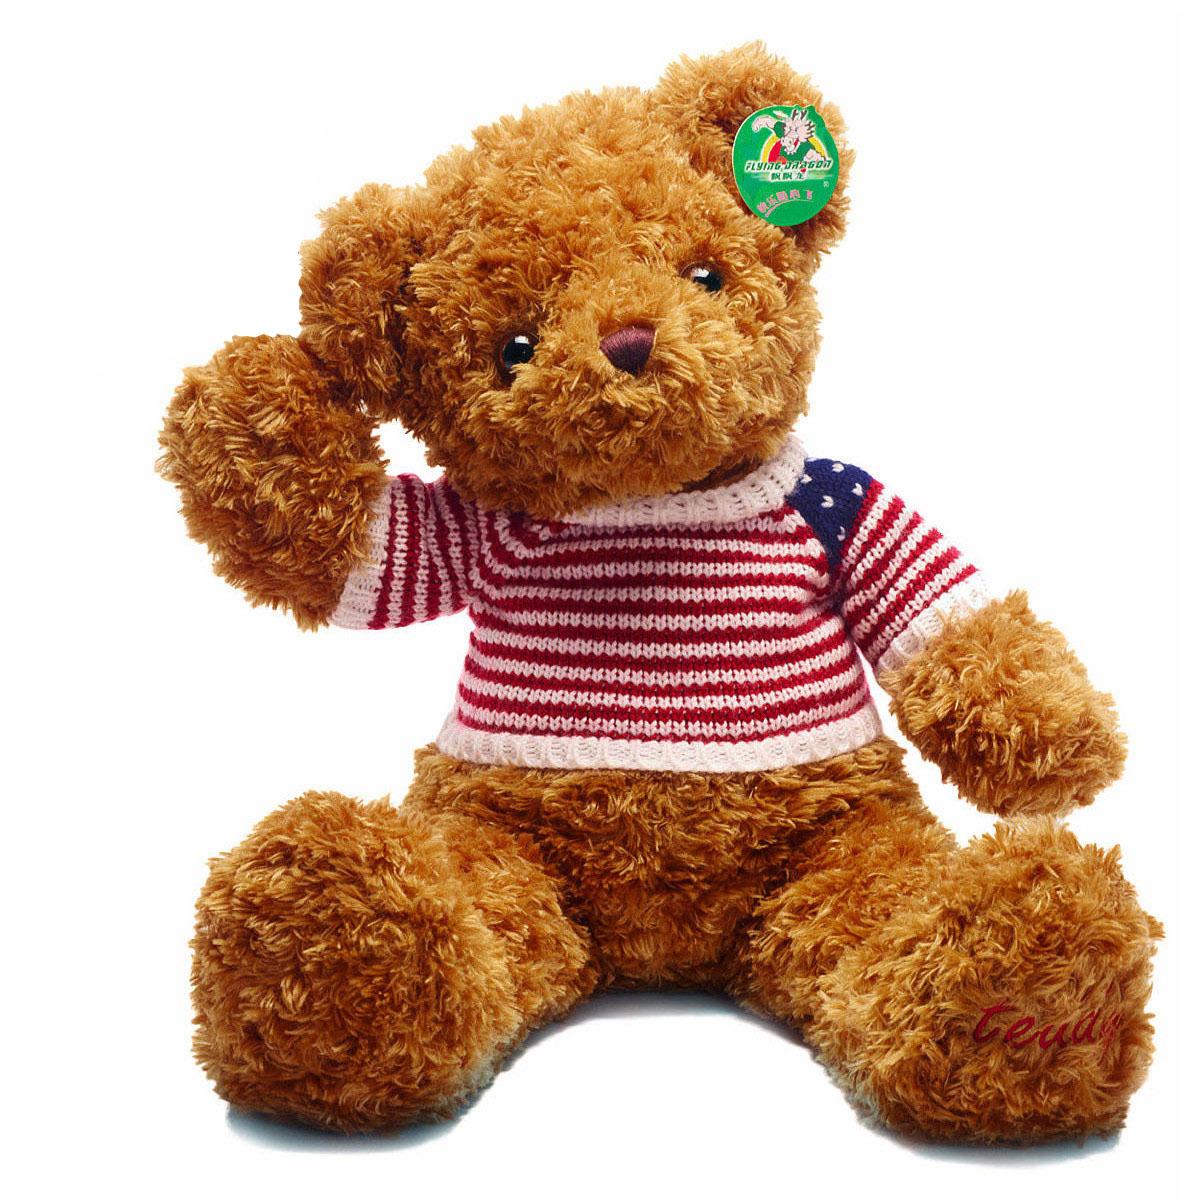 飘飘龙泰迪熊毛绒玩具女生生日礼物公仔可爱娃娃抱抱熊玩偶靠垫